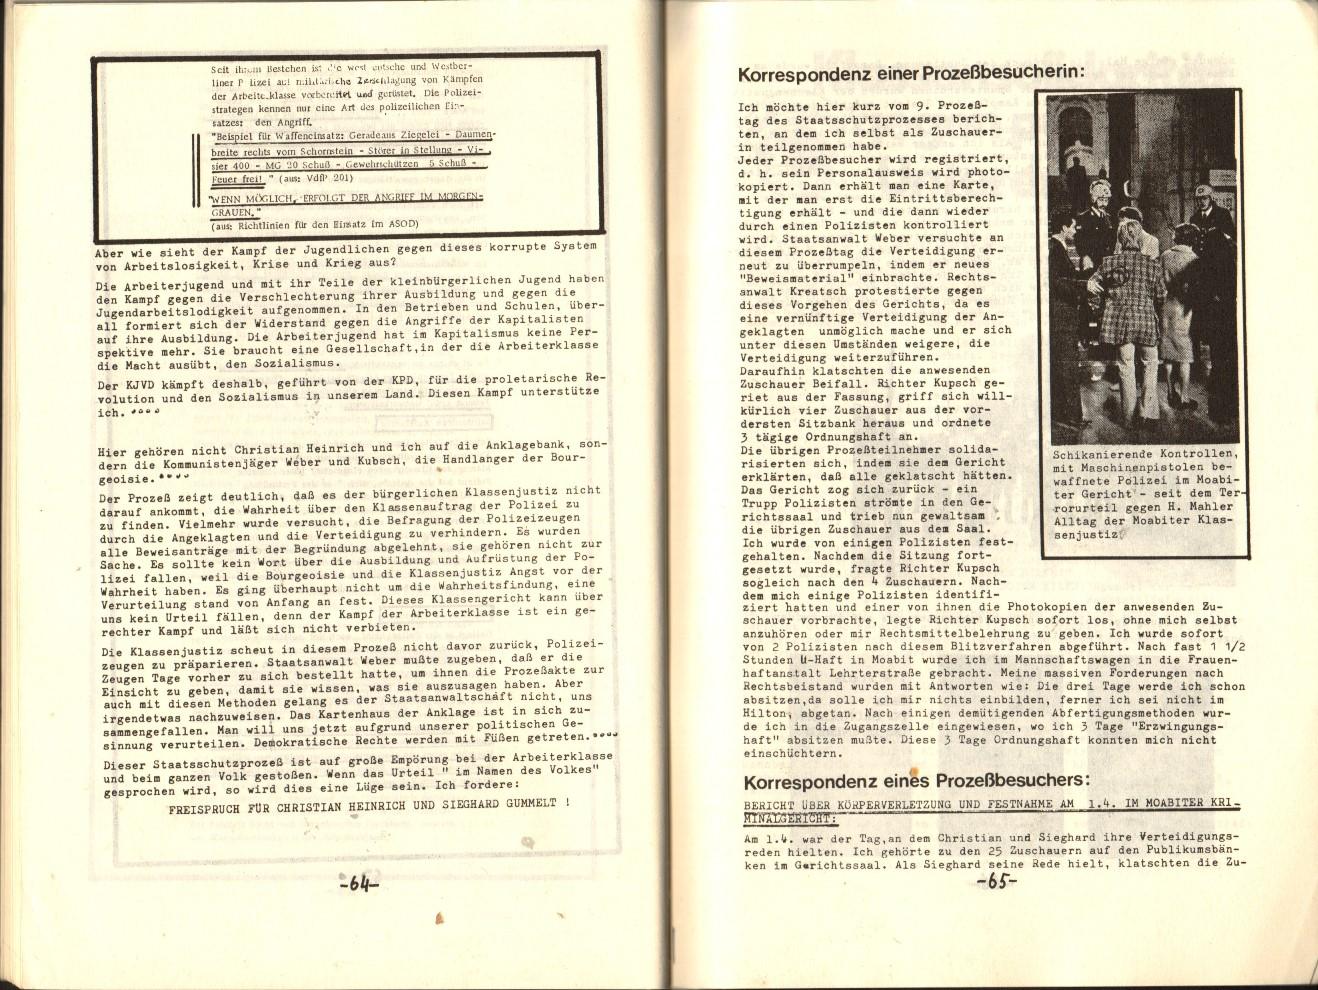 Berlin_KPD_1976_Staatsschutzprozess02_34